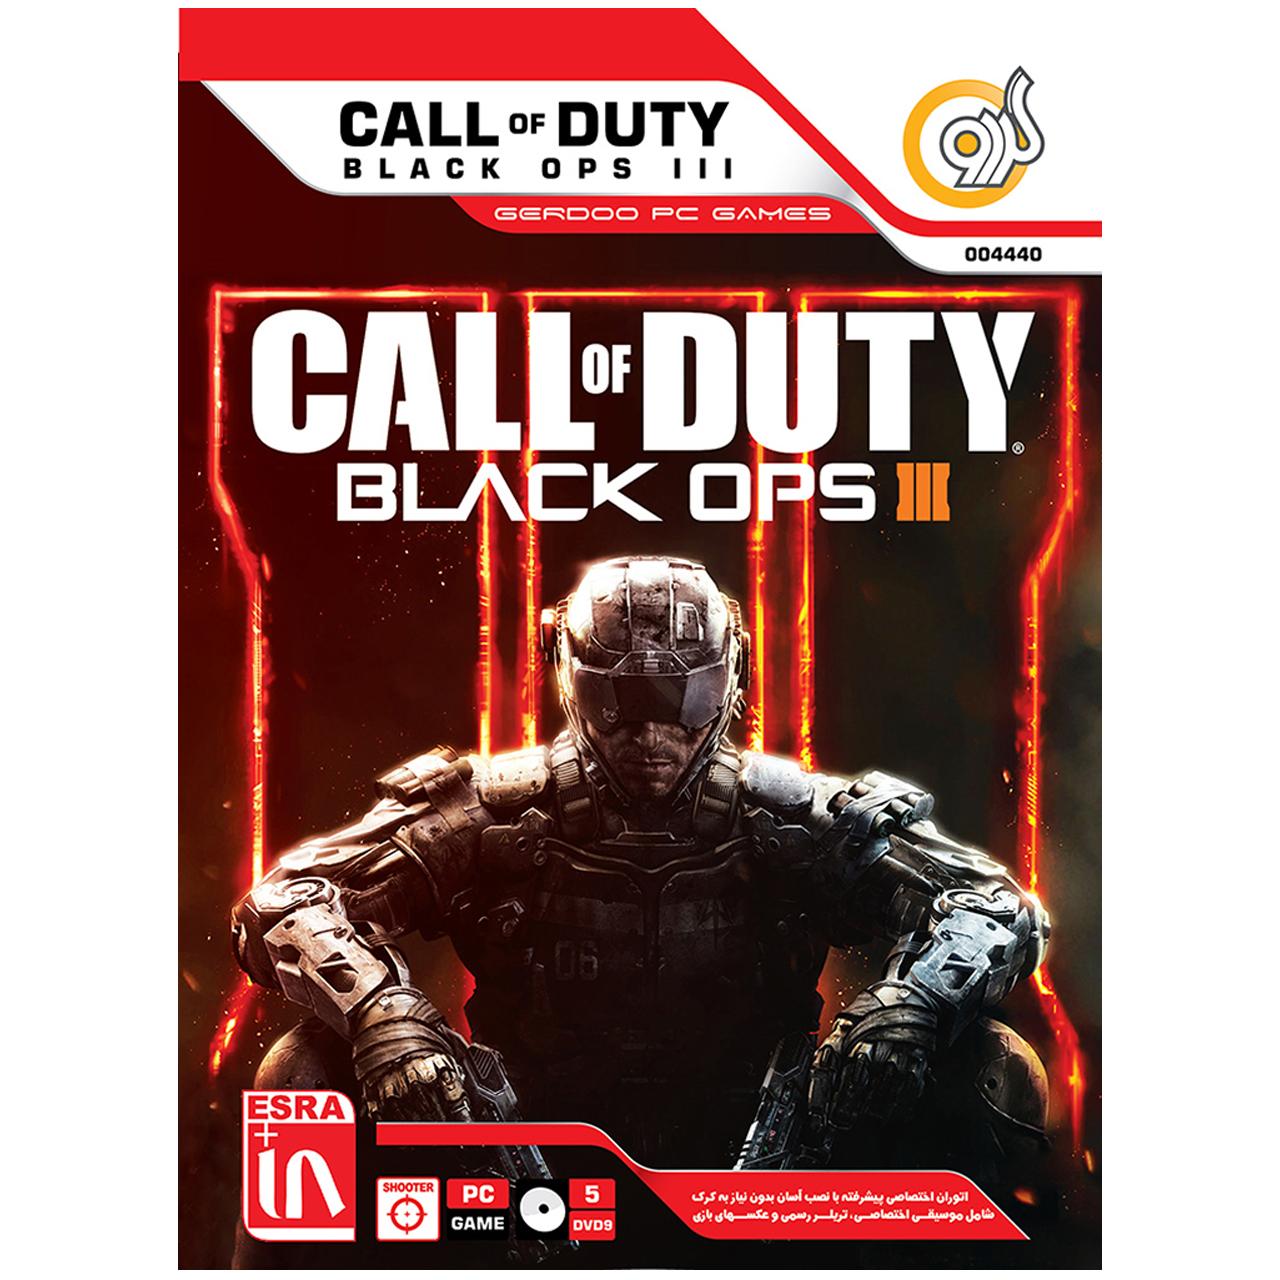 بازی گردو Call Of Duty Black OPS III مخصوص PC